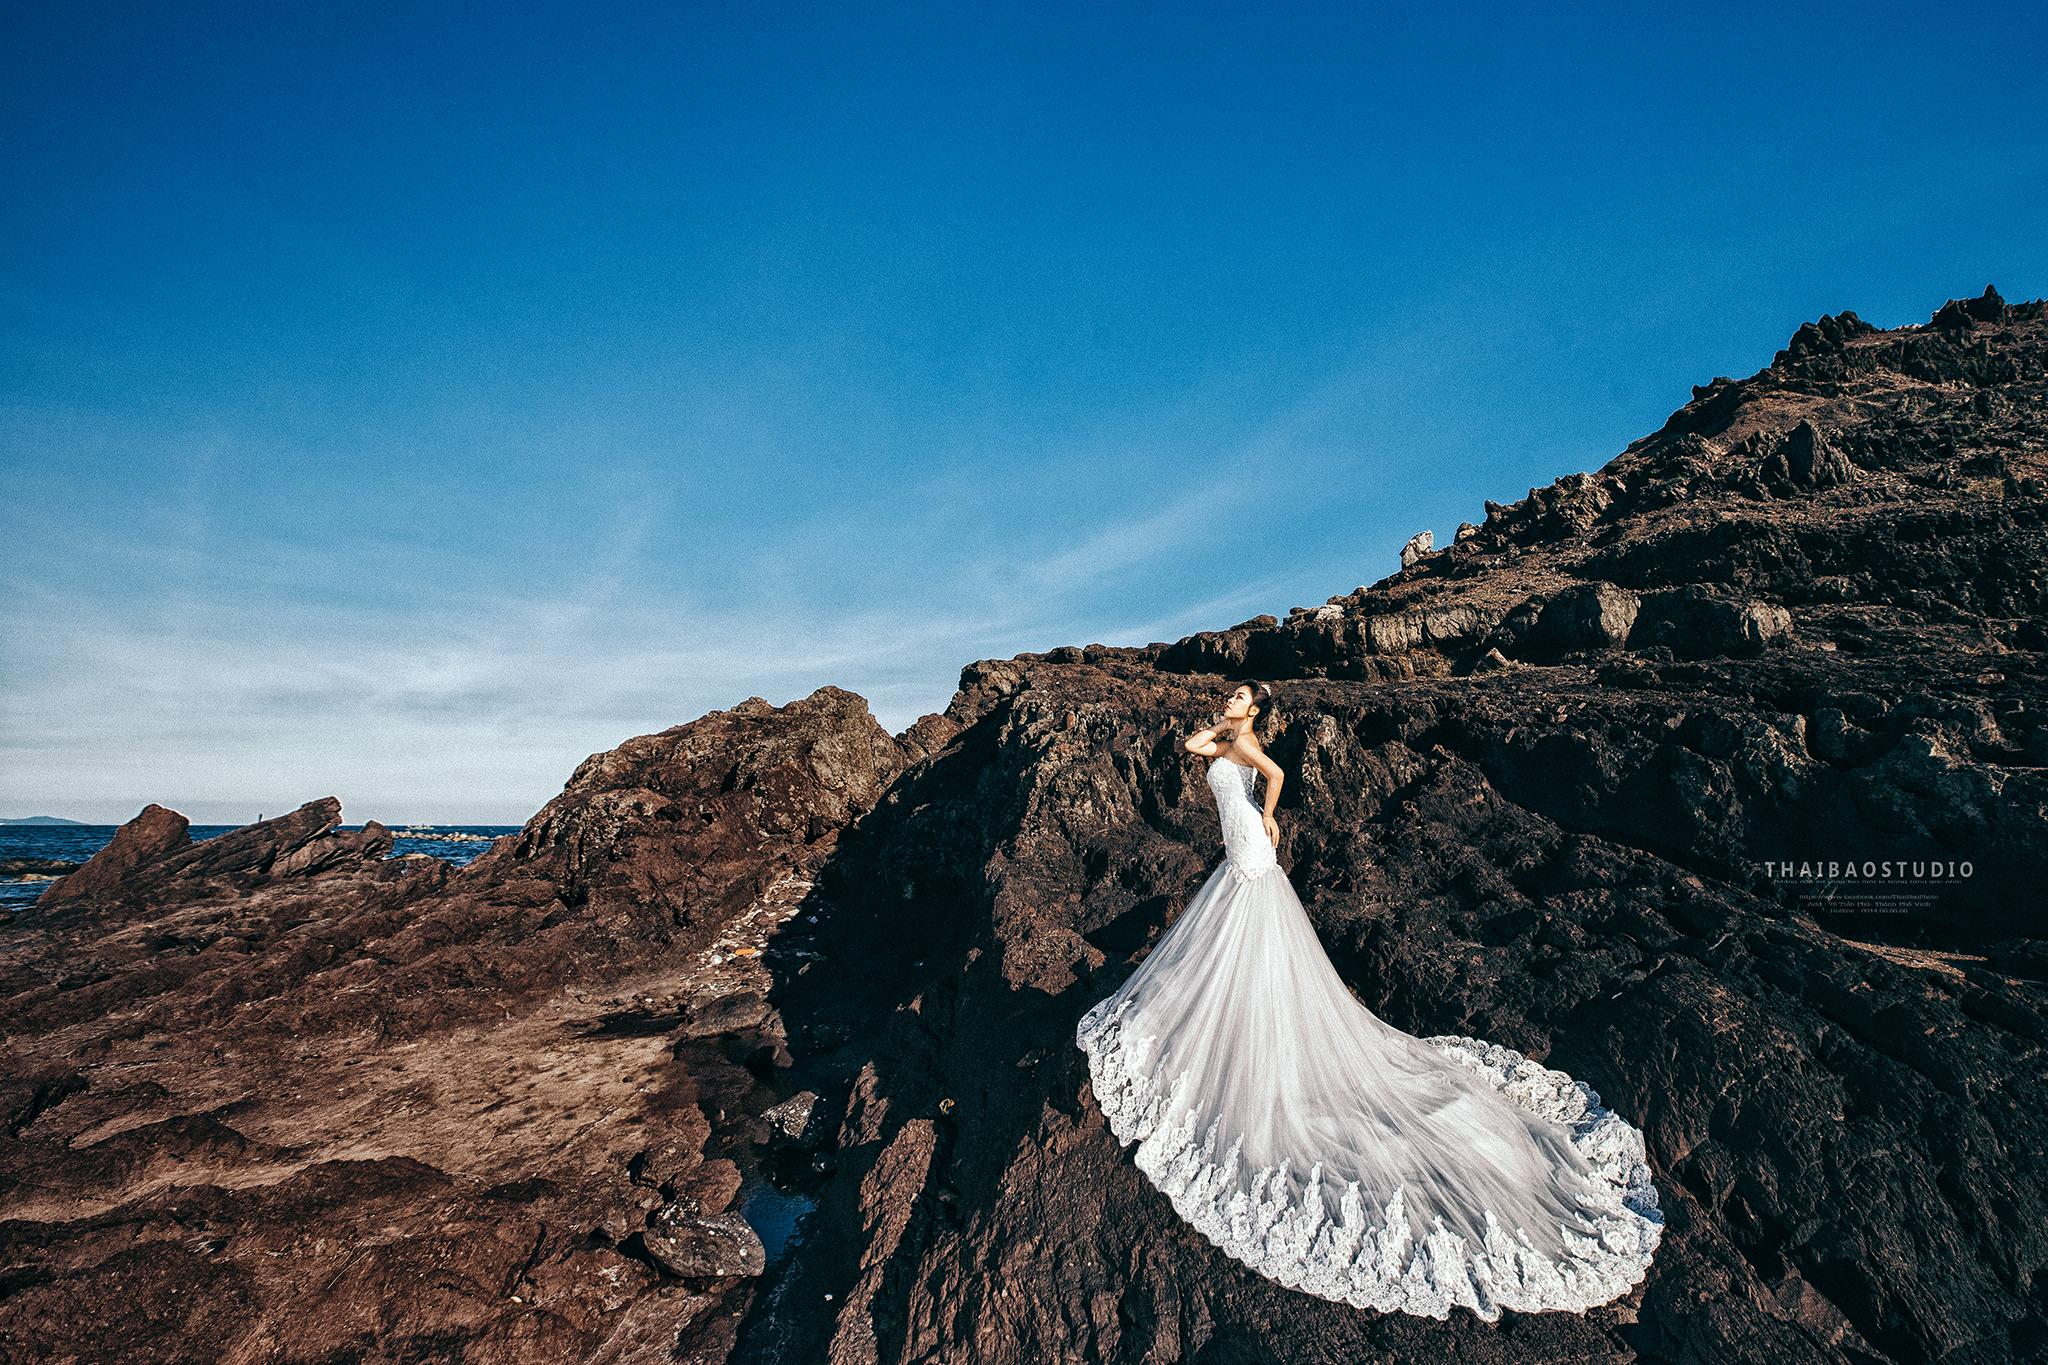 Top 11 Studio chụp ảnh cưới ngoại cảnh đẹp và chất lượng nhất TP. Vinh, Nghệ An -  Thái Bảo Studio